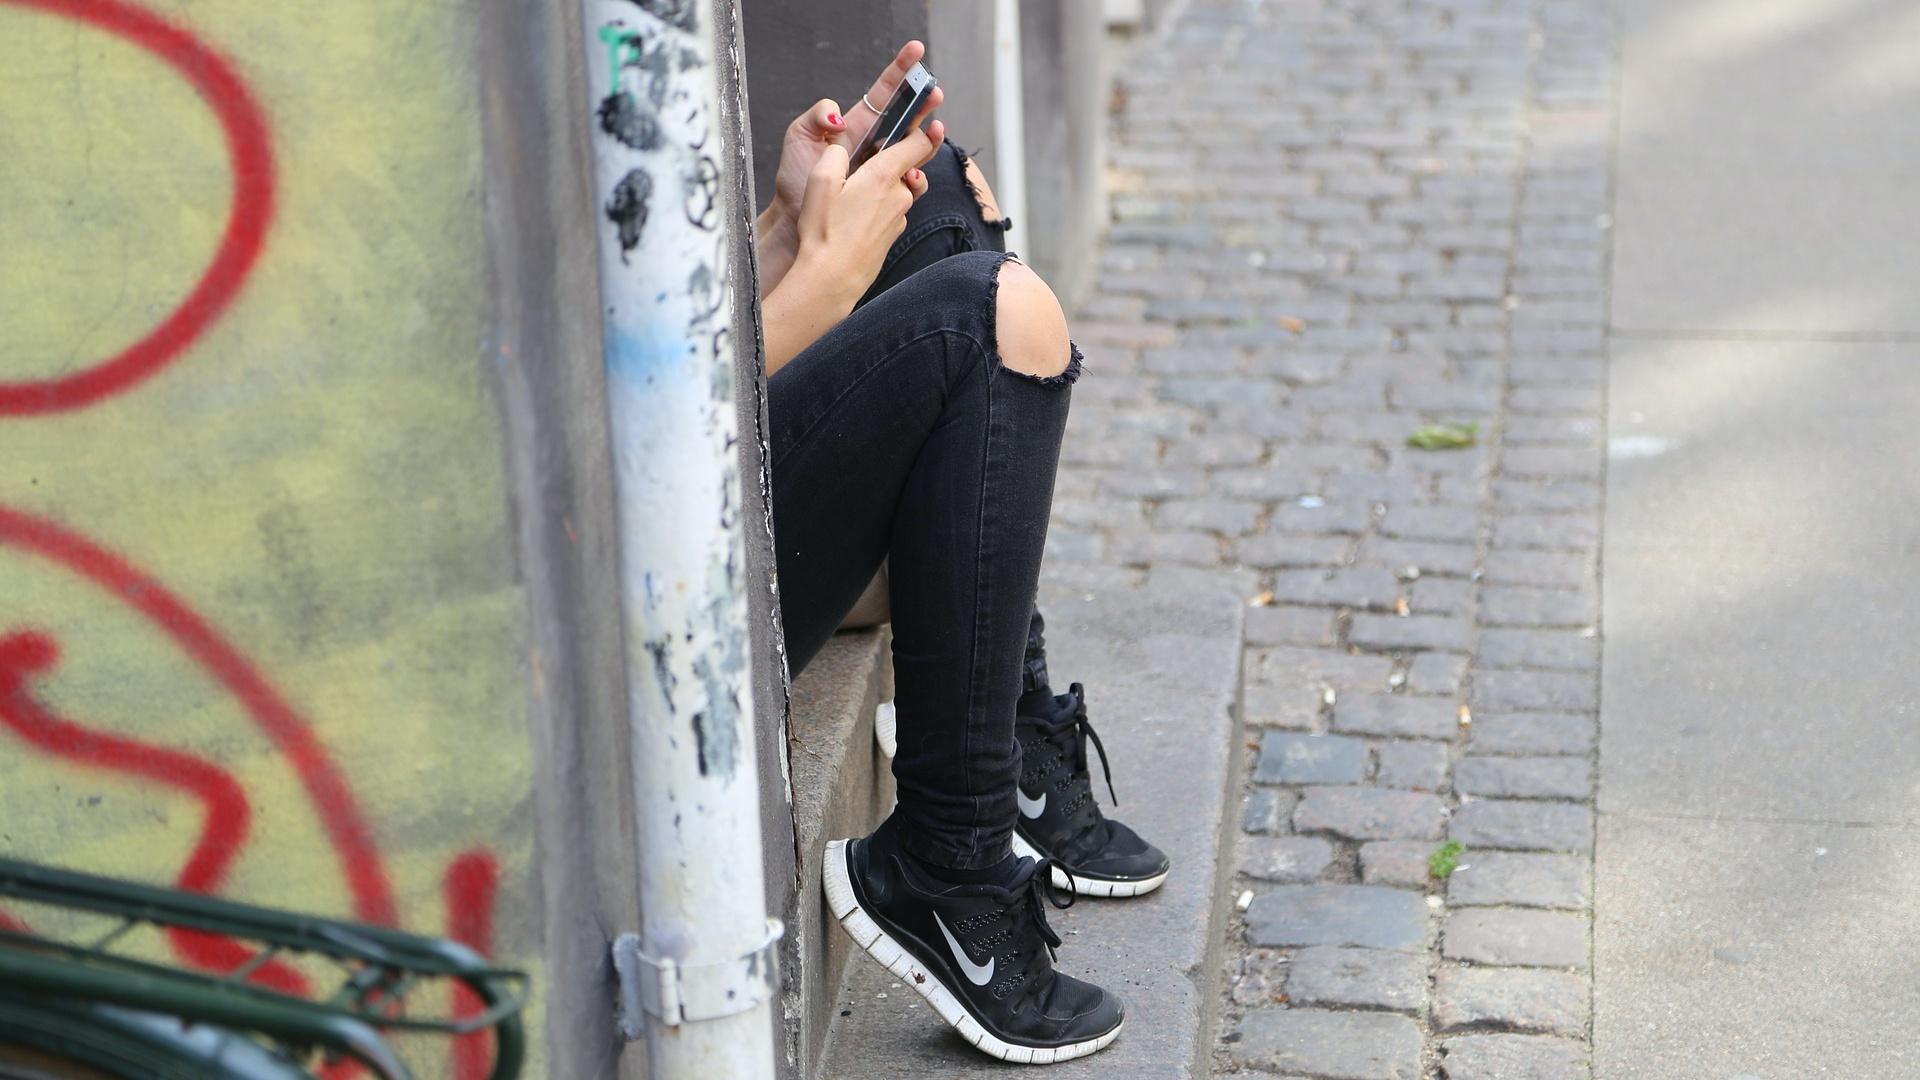 Tinédzser lány telefonozik az utcán